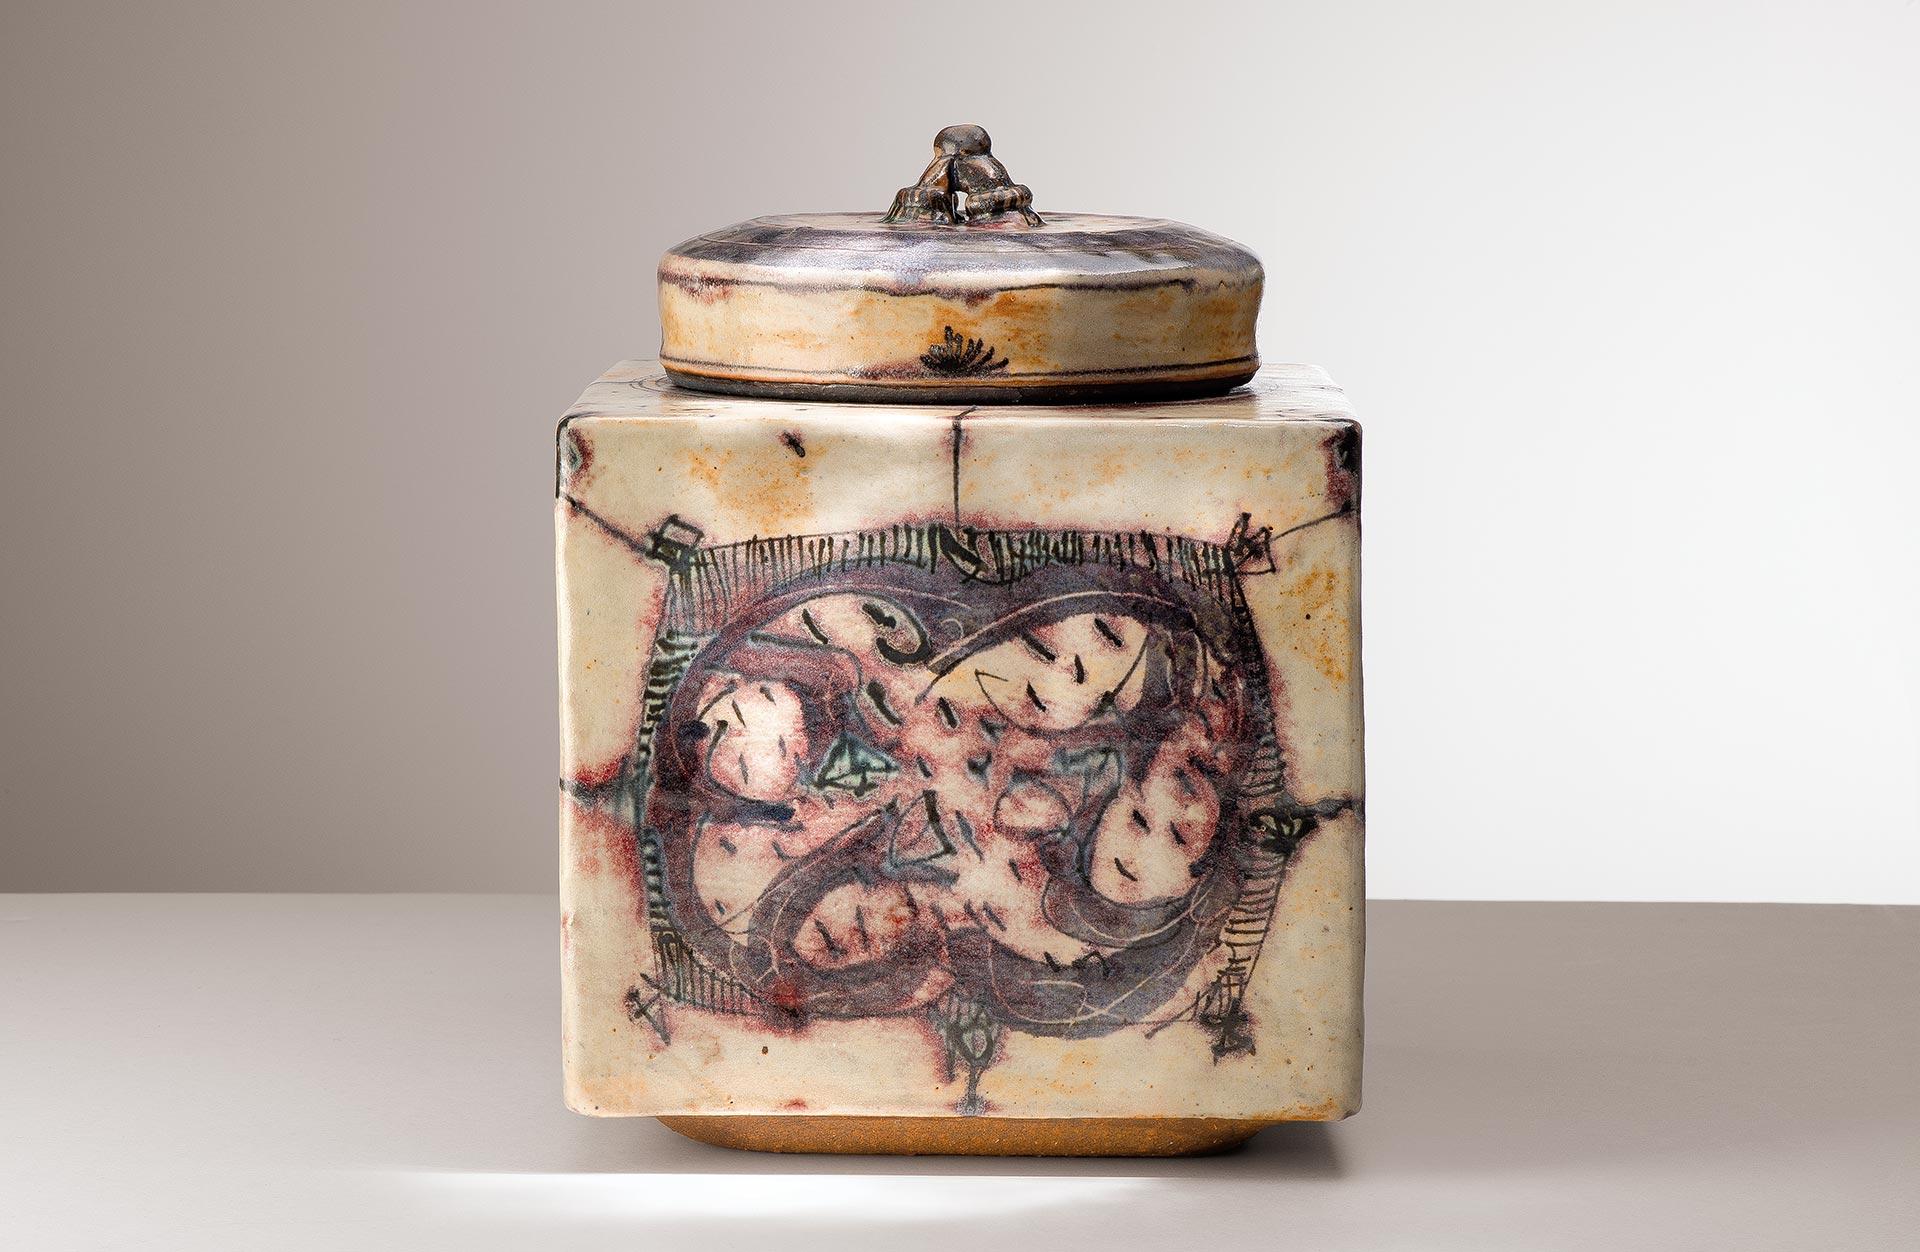 Céramique de Catherine Vanier – Boite carrée 2015